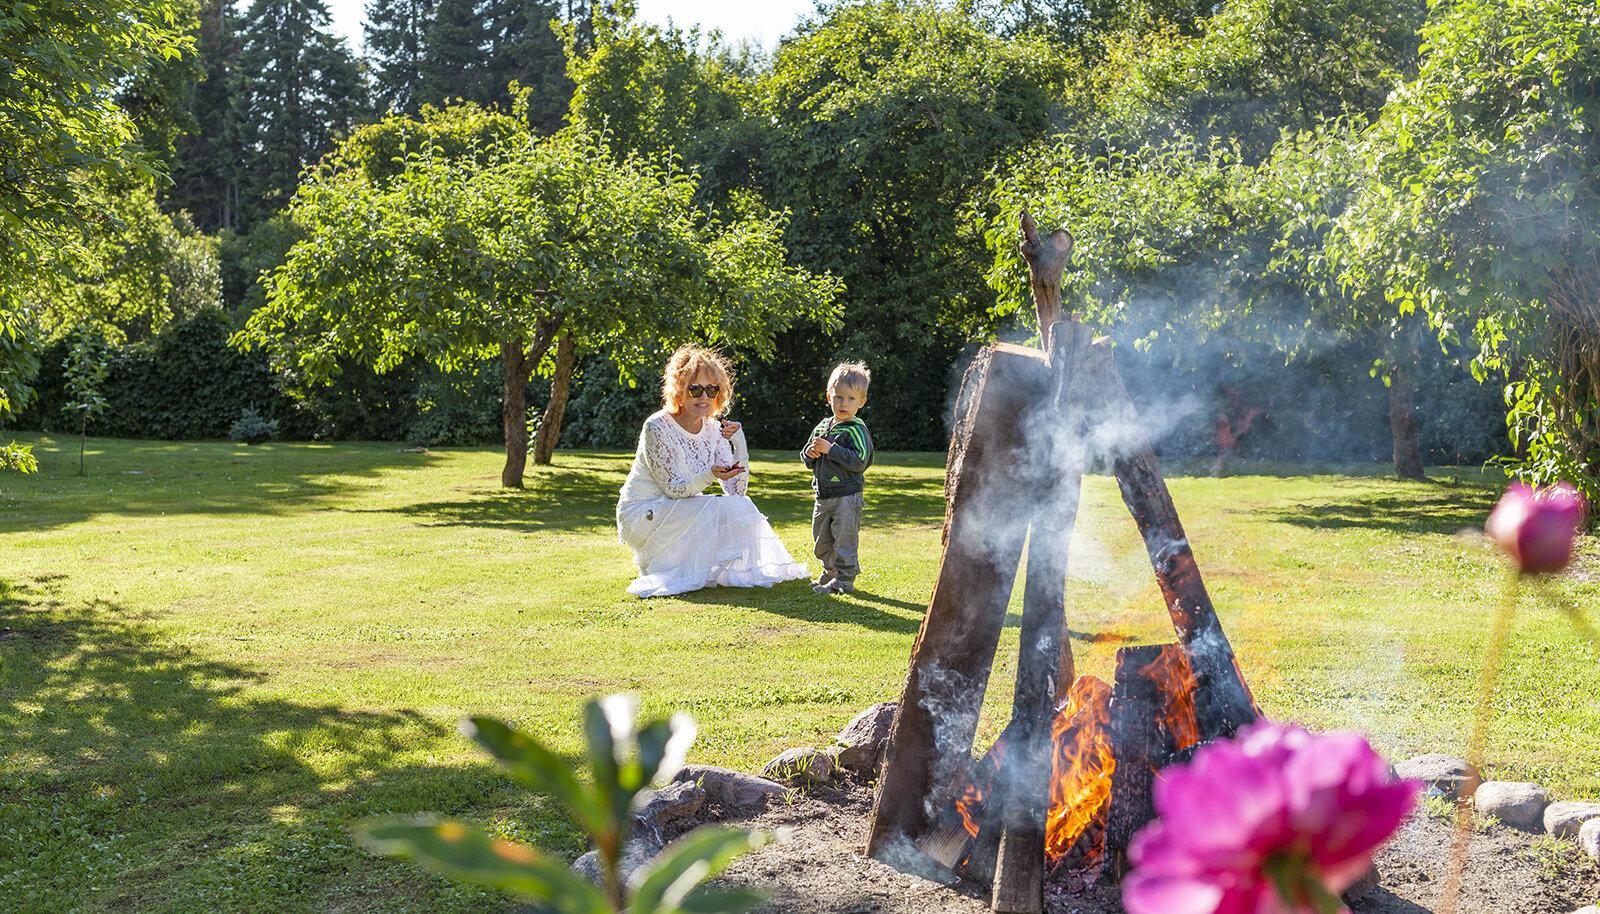 Tiina koos tütrepoja Markusega oma suvemaja avaras aias. Foto: Priit Grepp / Kodukiri